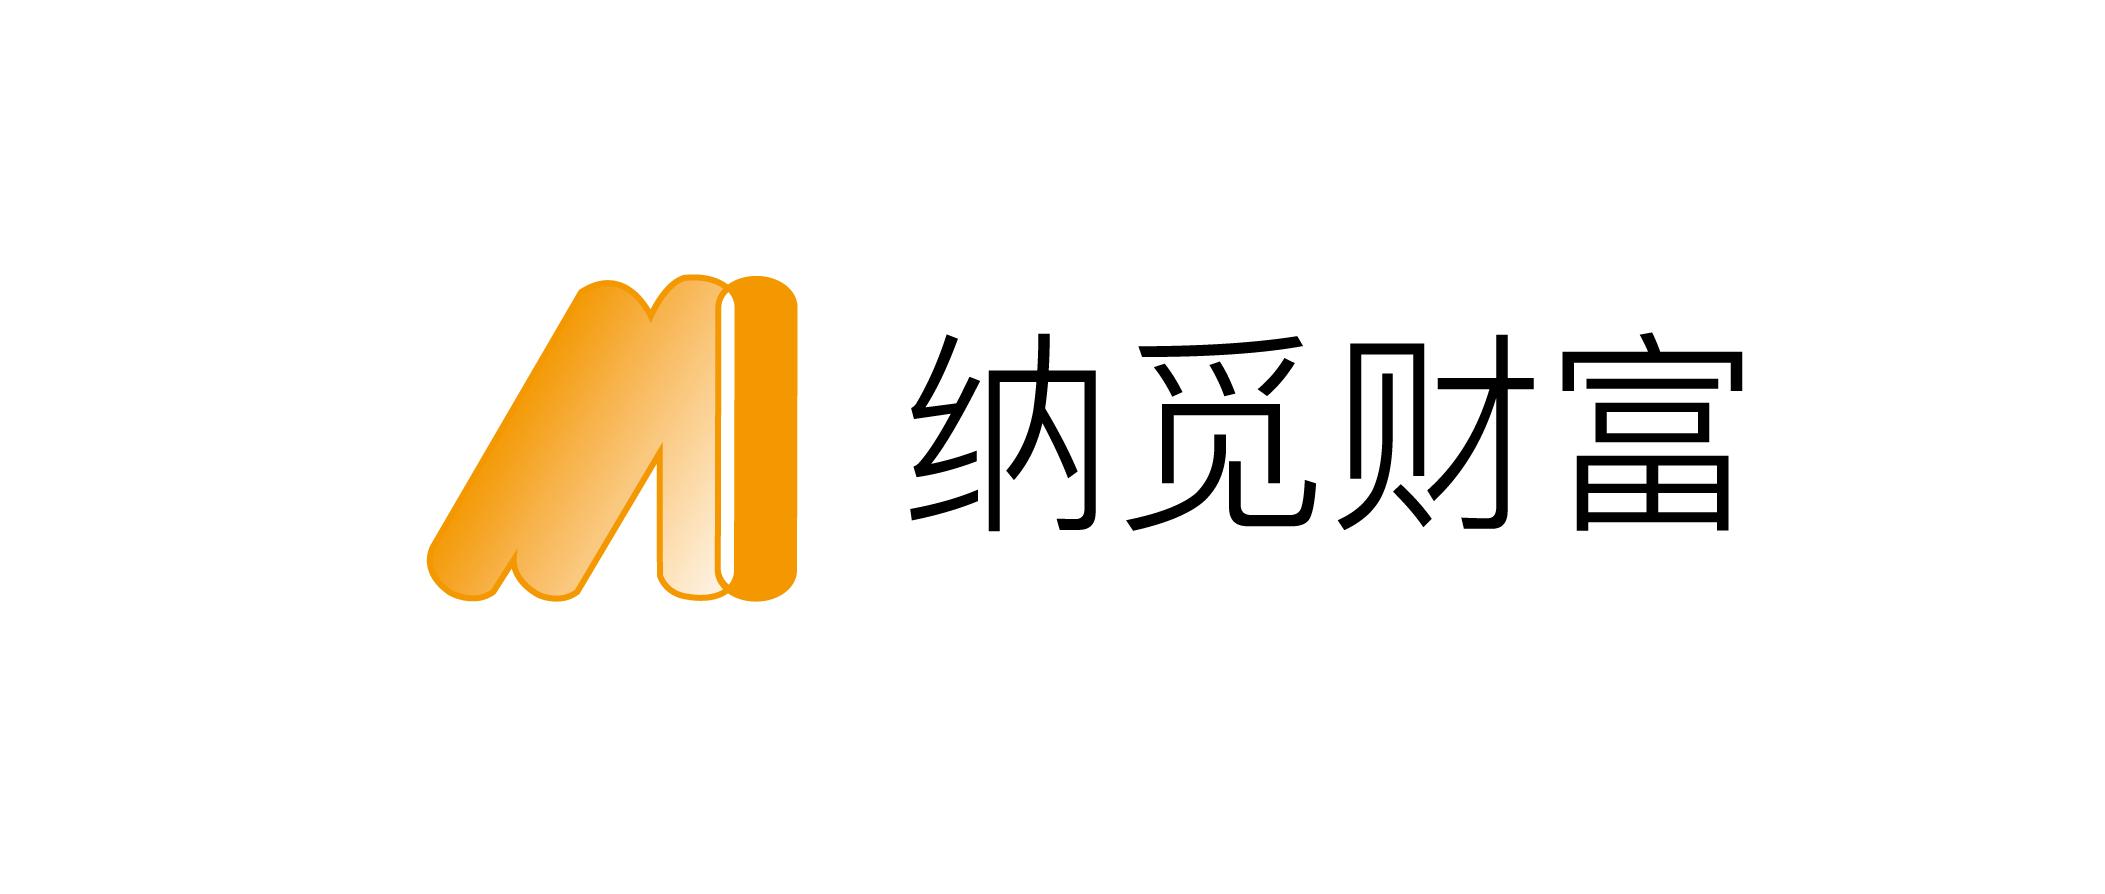 上海纳觅财务咨询有限公司成都分公司